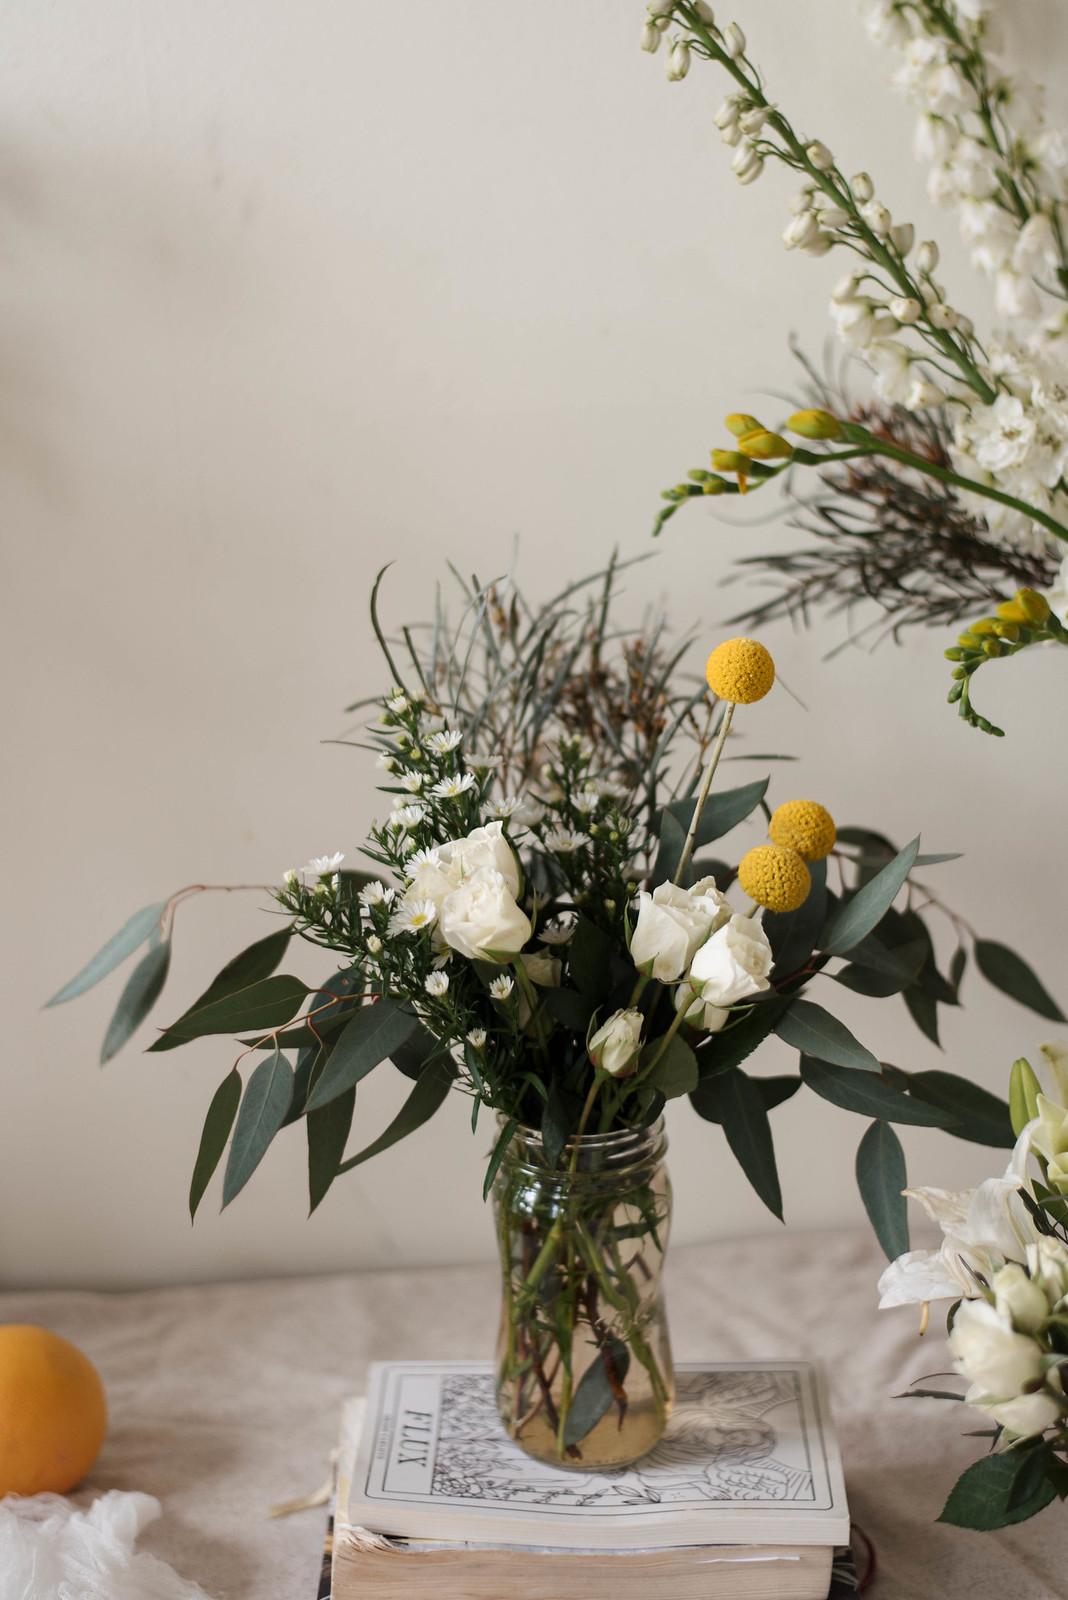 Chic Unique Elegant Floral Arrangements on juliettelaura.blogspot.com